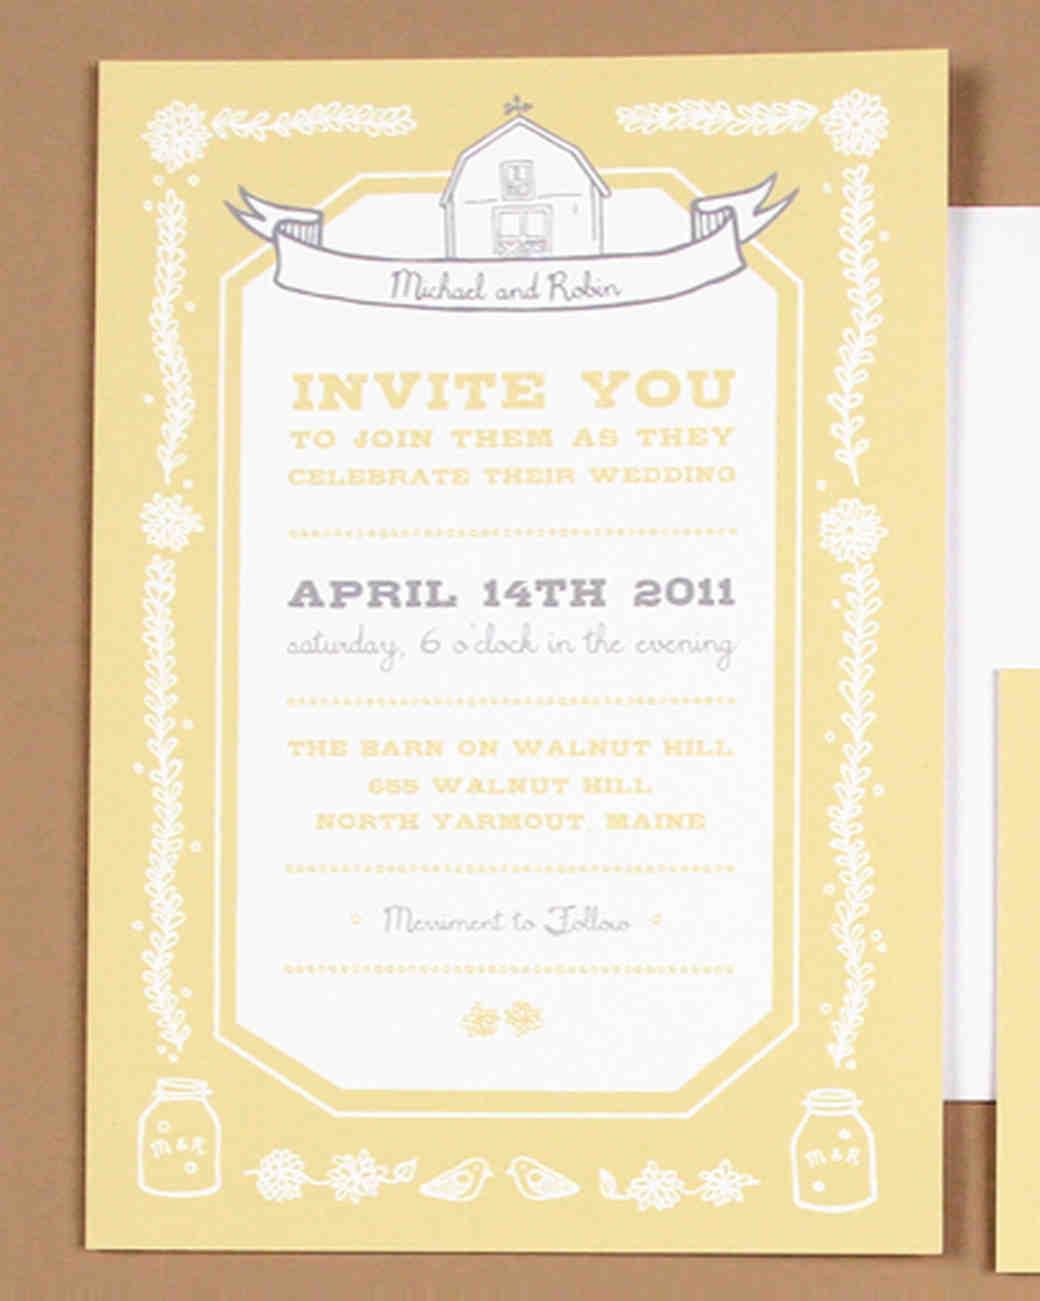 46 Elevated Ideas For Your Rustic Wedding Invitations | Martha Stewart  Weddings